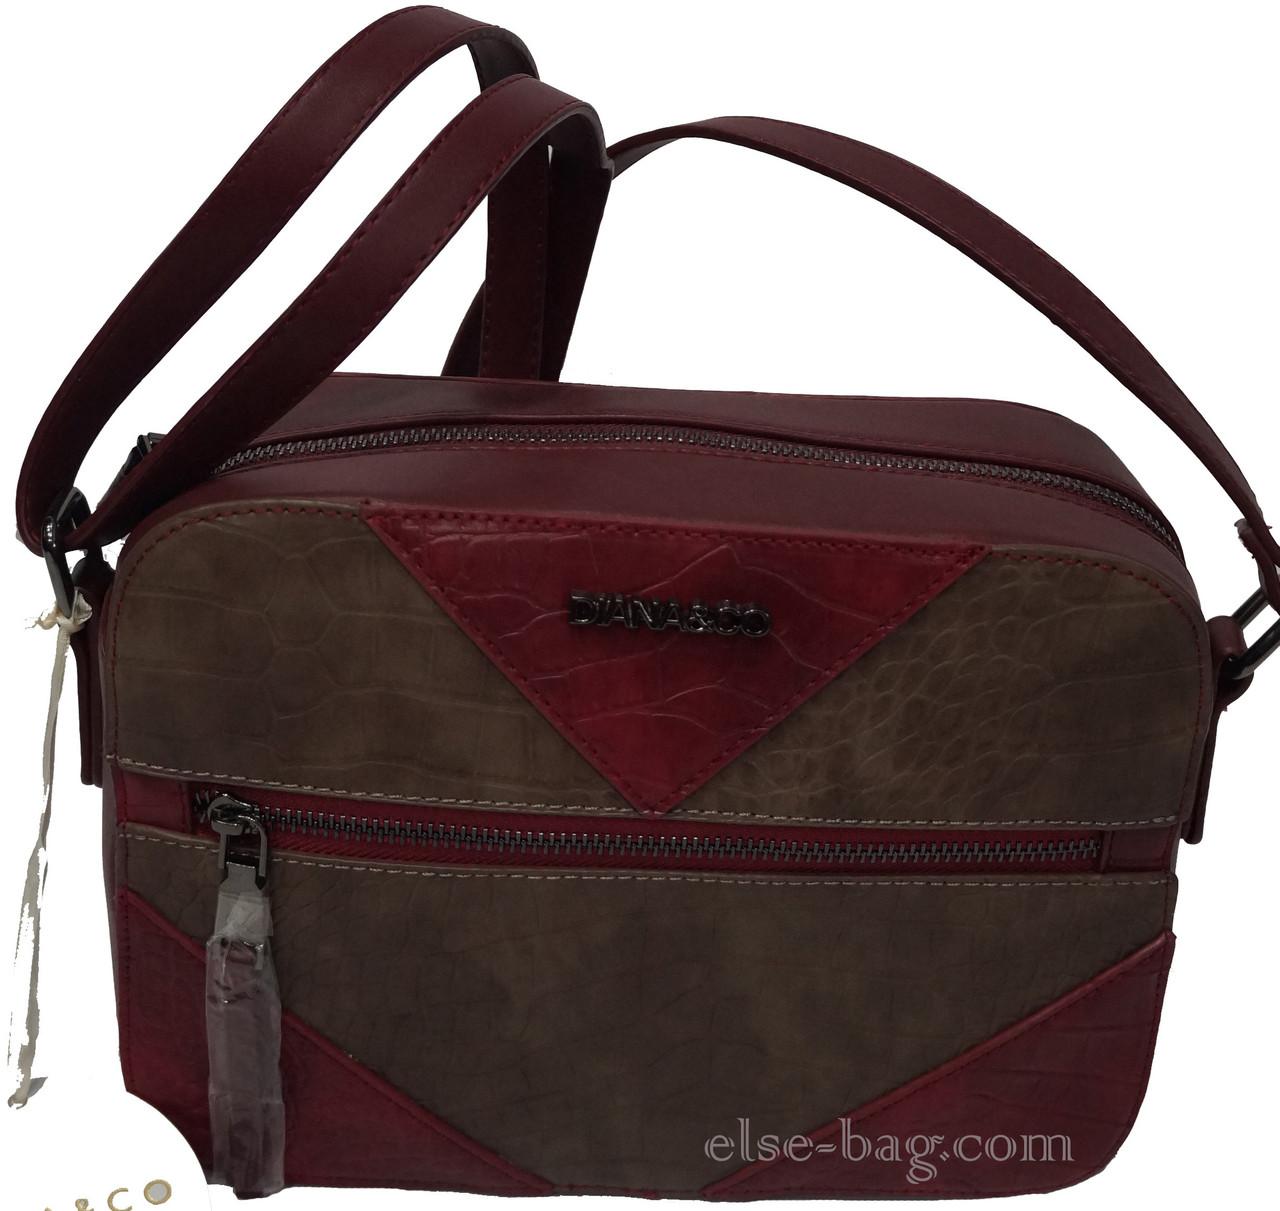 92943f11ccbc Каркасная женская сумка через плечо, двухцветная: продажа, цена в ...